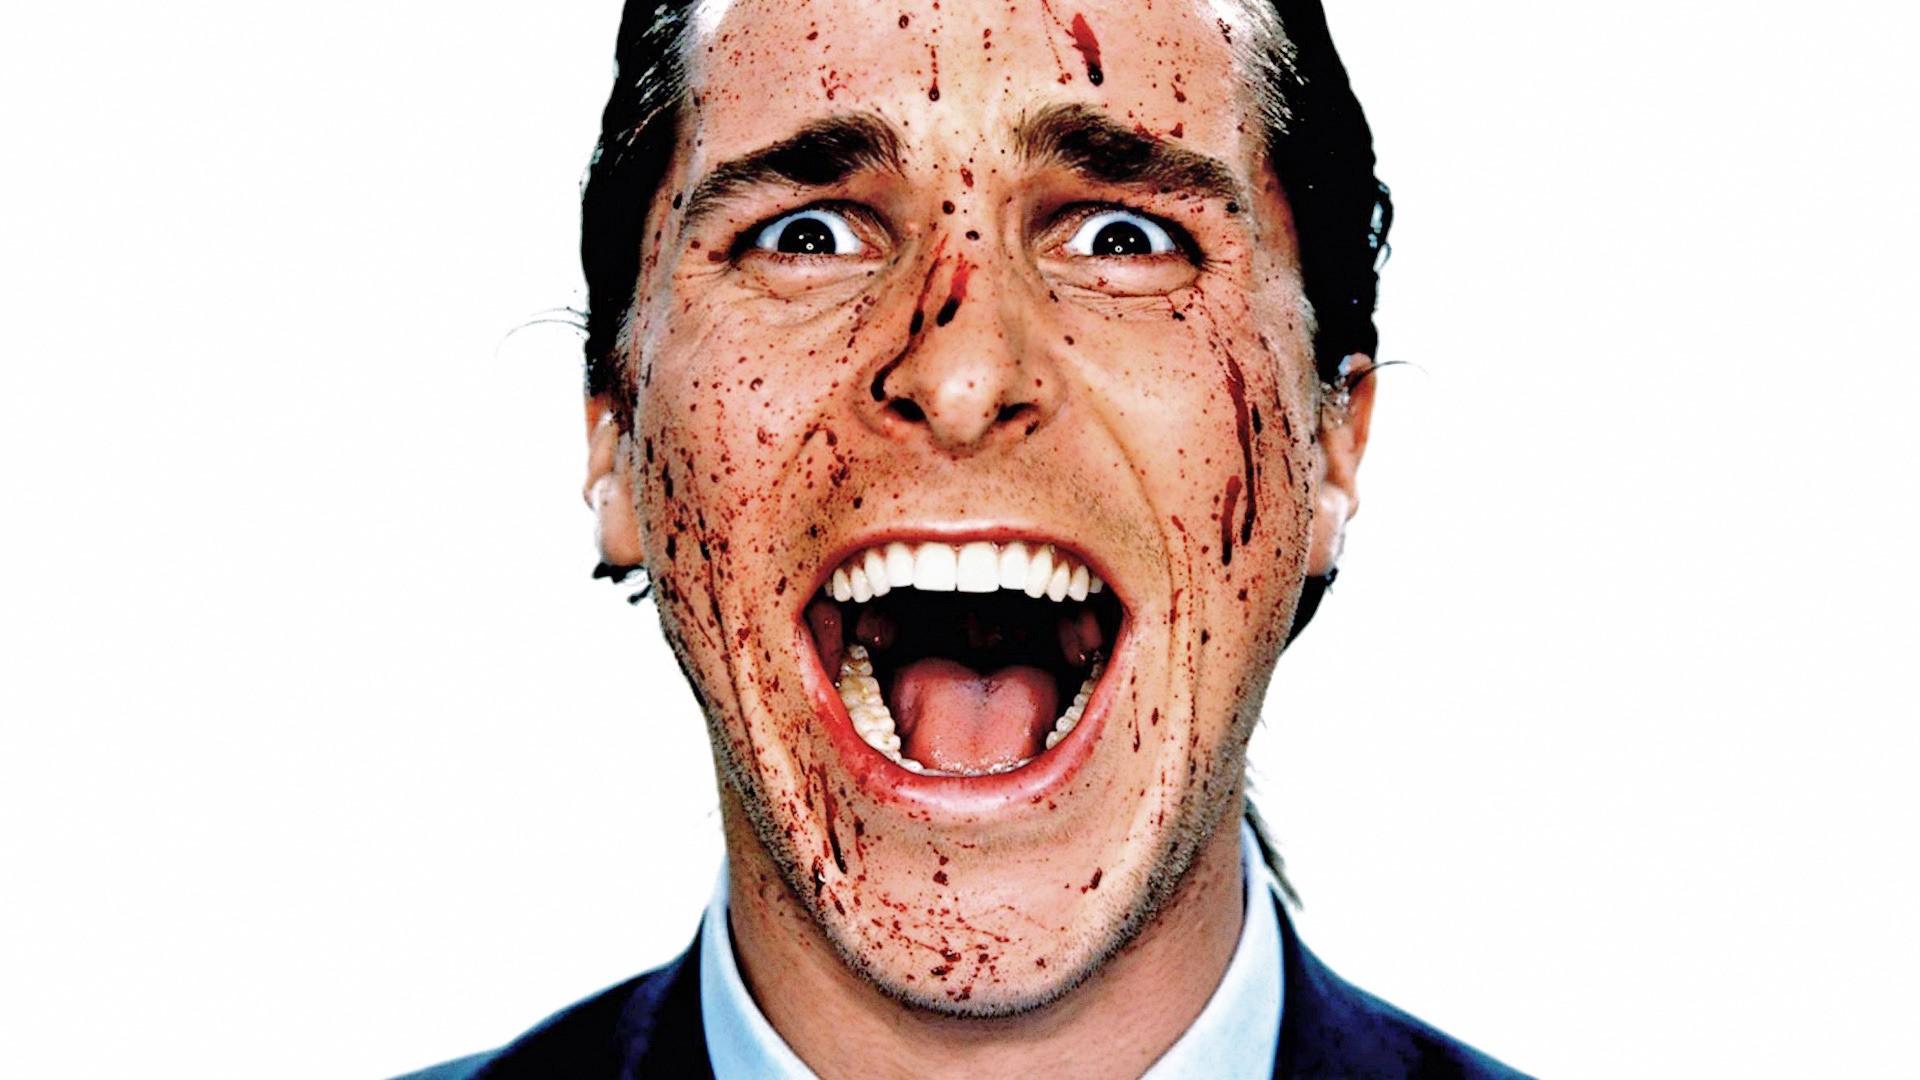 Será que você é um canibal? O canibalismo no fantástico (Parte 2)